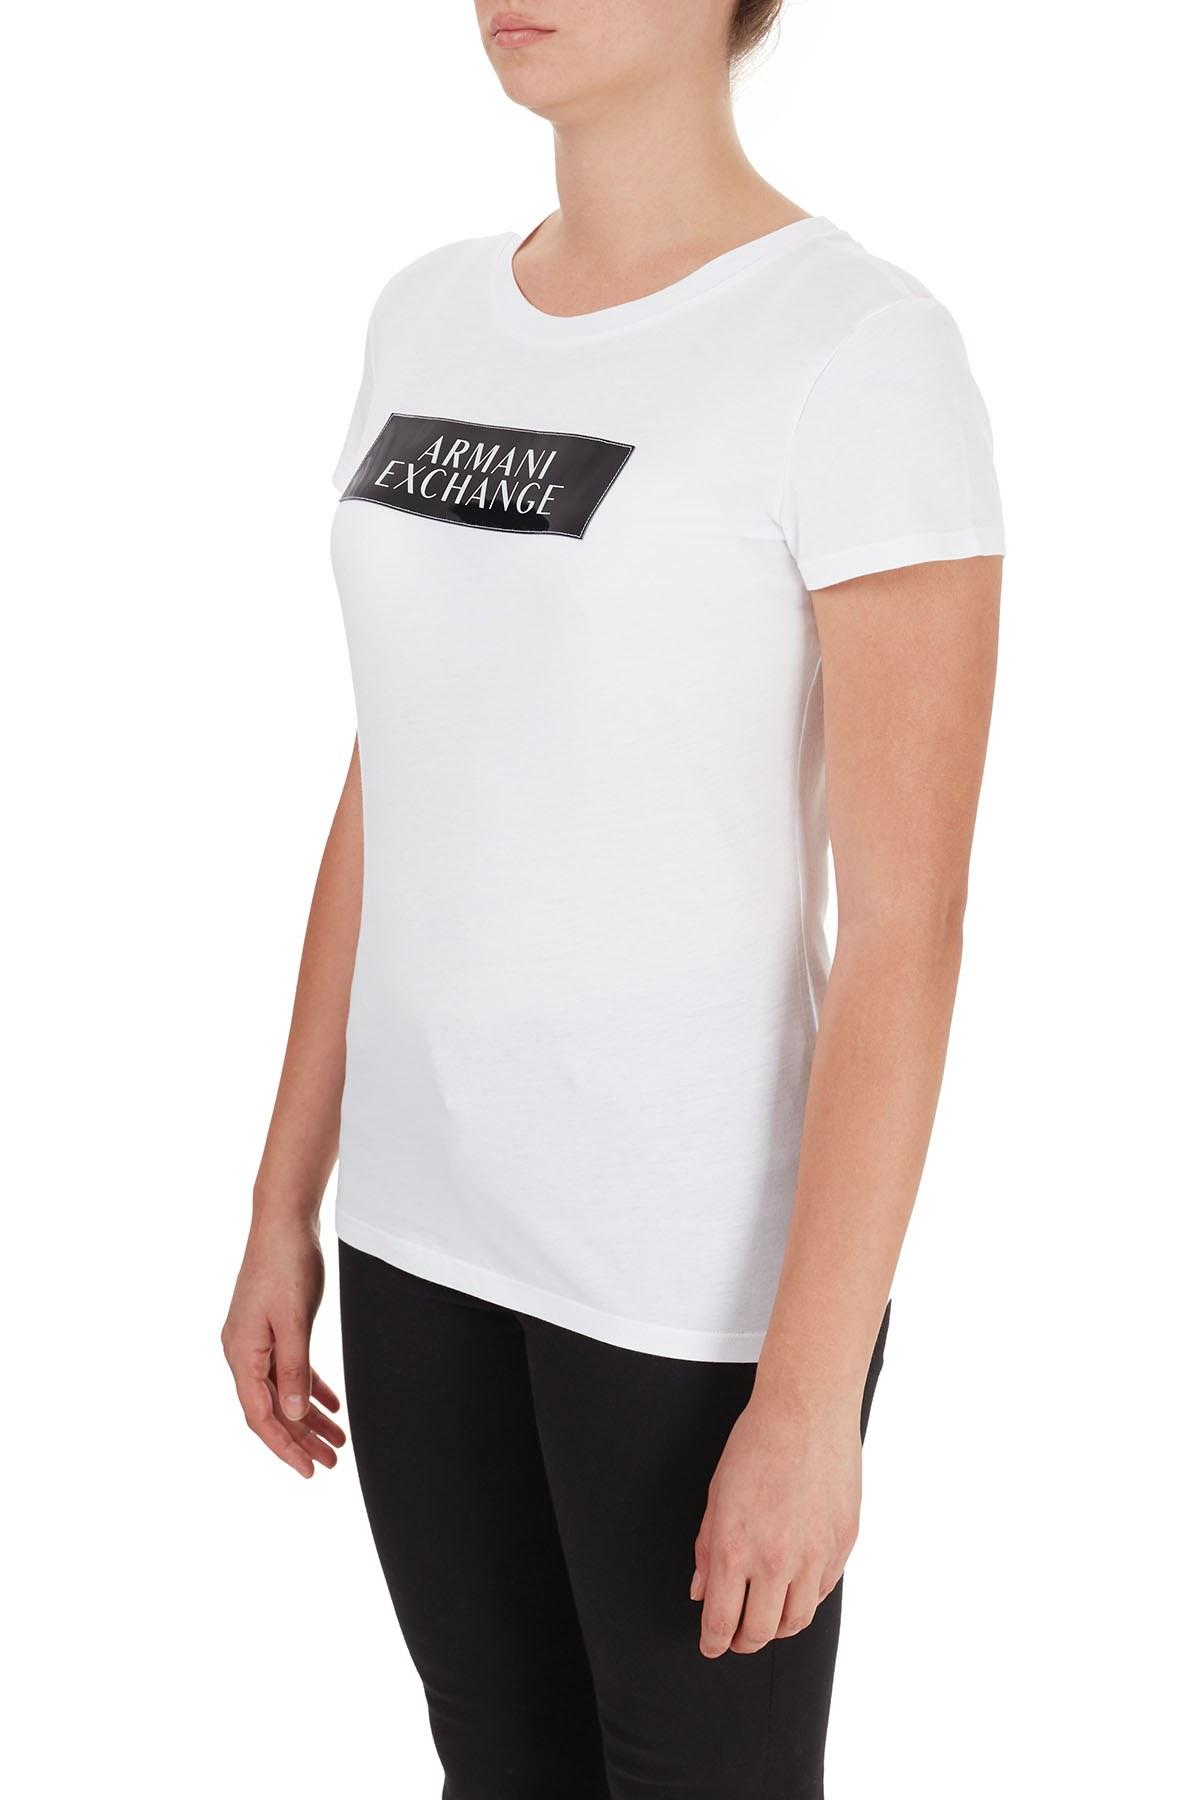 Armani Exchange % 100 Pamuklu Bisiklet Yaka Kadın T Shirt 6HYTAA YJ73Z 8173 BEYAZ